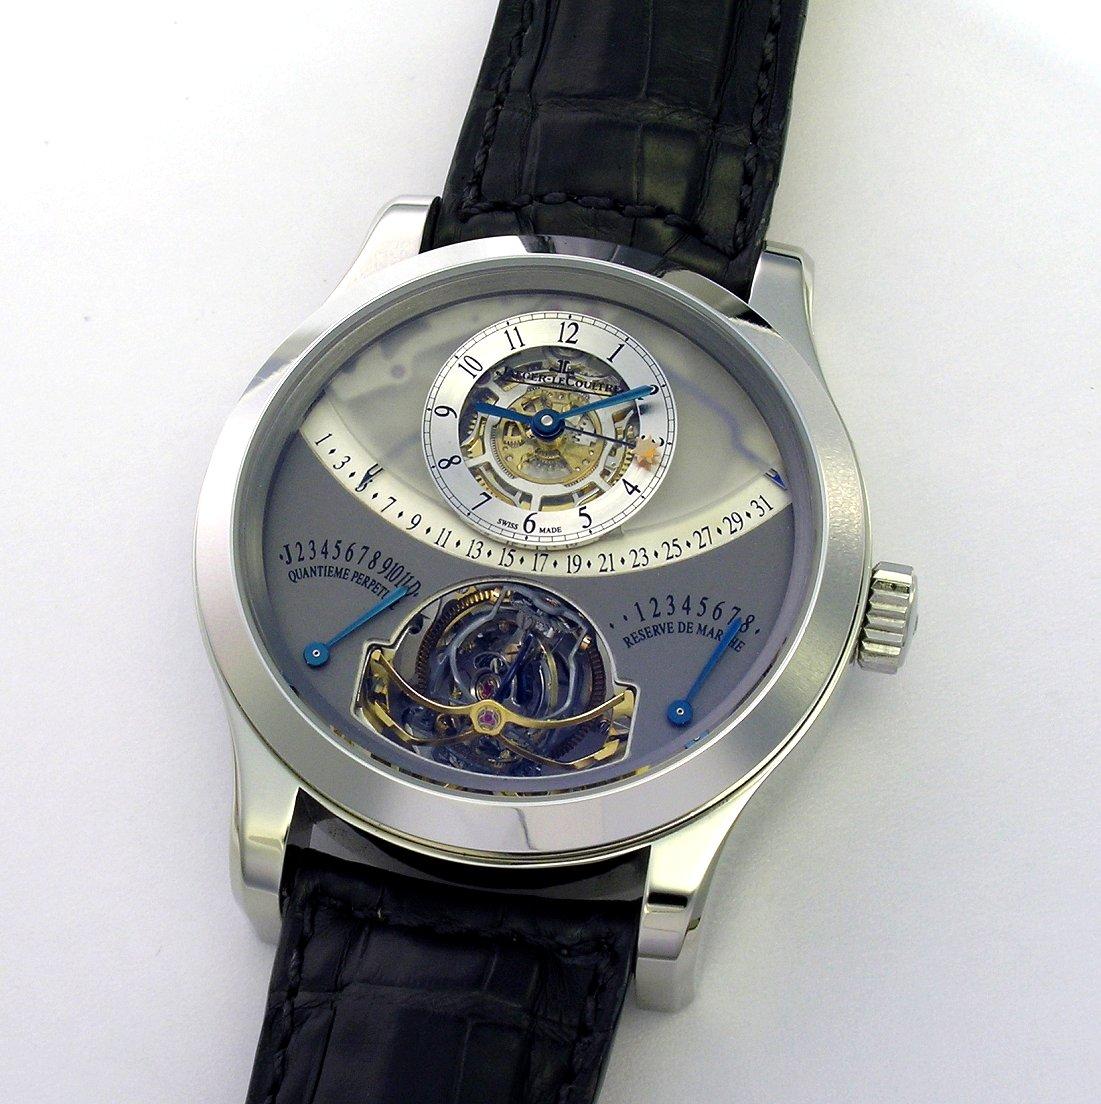 часы Jaeger-LeCoultre Gyrotourbillon I (ref. 600 64 20)